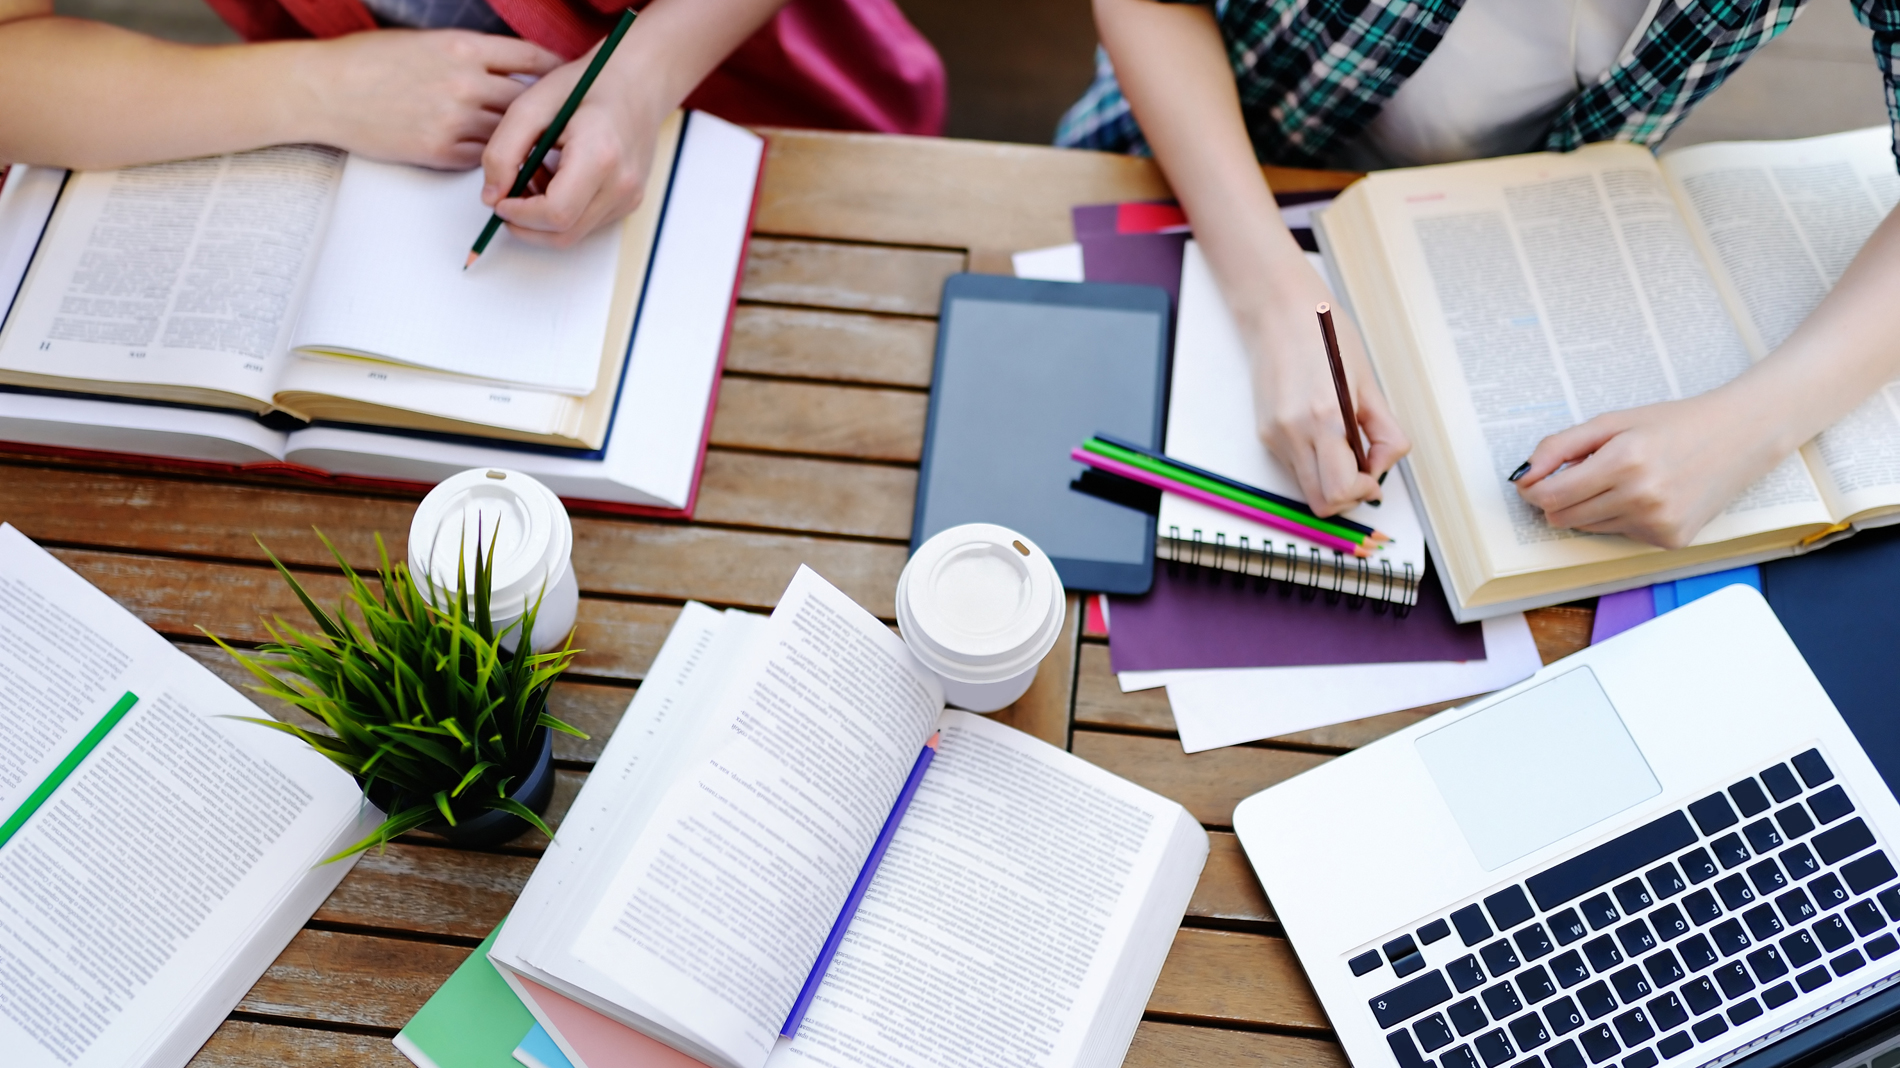 Cómo se descubren los plagios en los trabajos universitarios